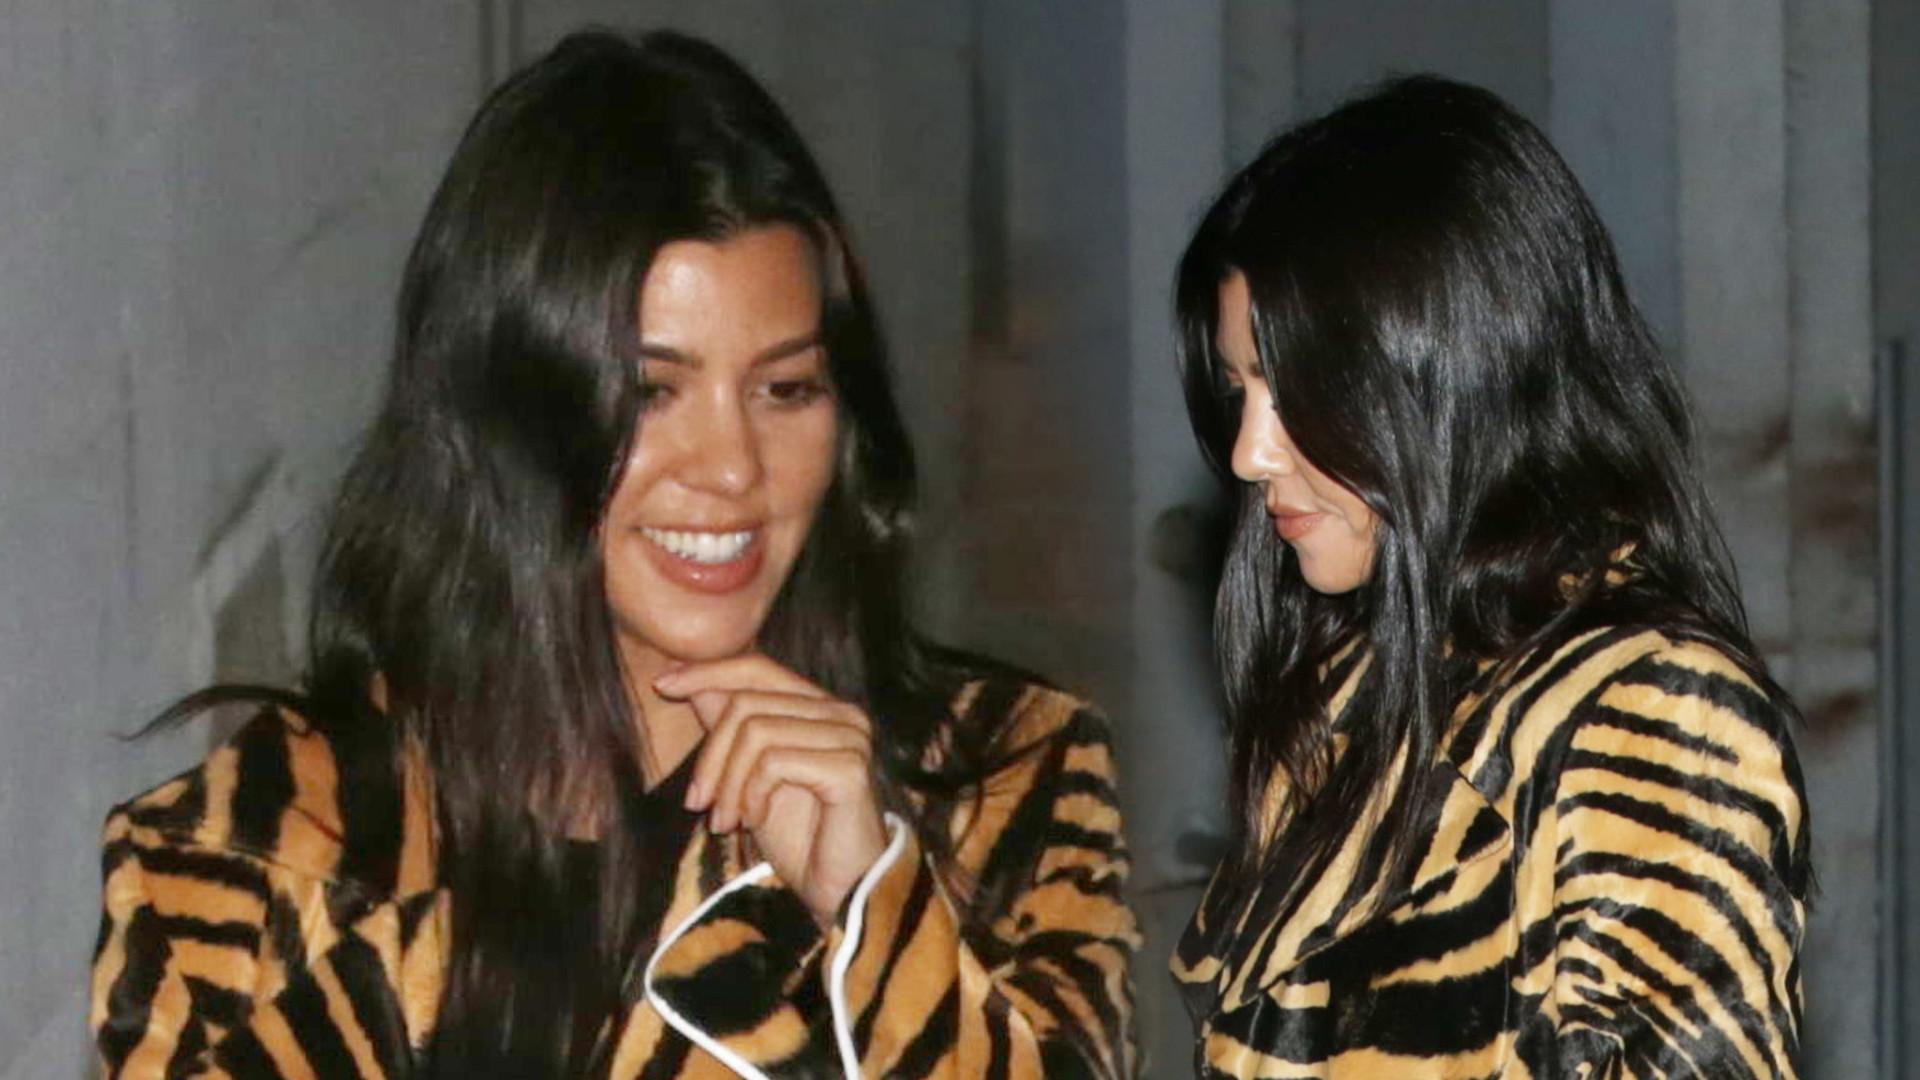 Kourtney Kardashian wybrała się do kościoła razem z Hailey Bieber. W przeszłości miała mieć romans z Justinem (ZDJĘCIA)